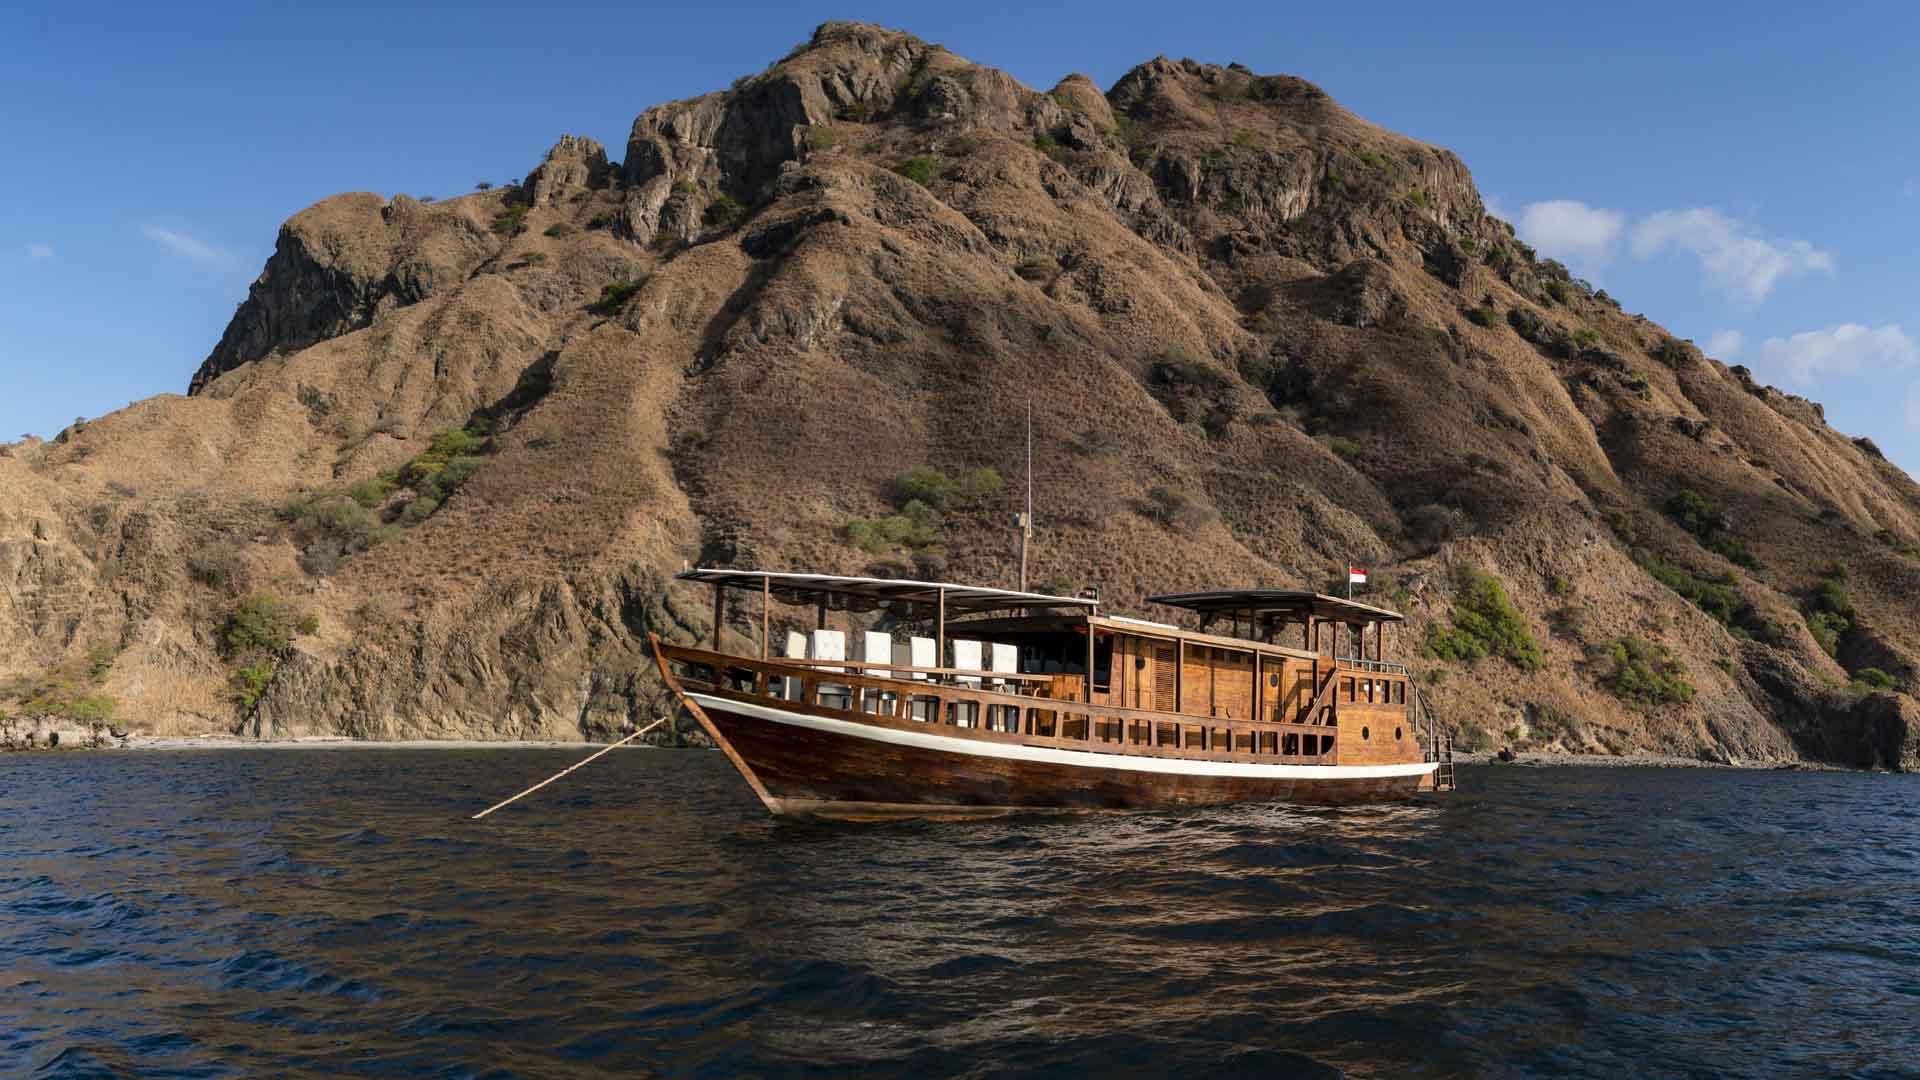 MII Boat at Padar pano 2